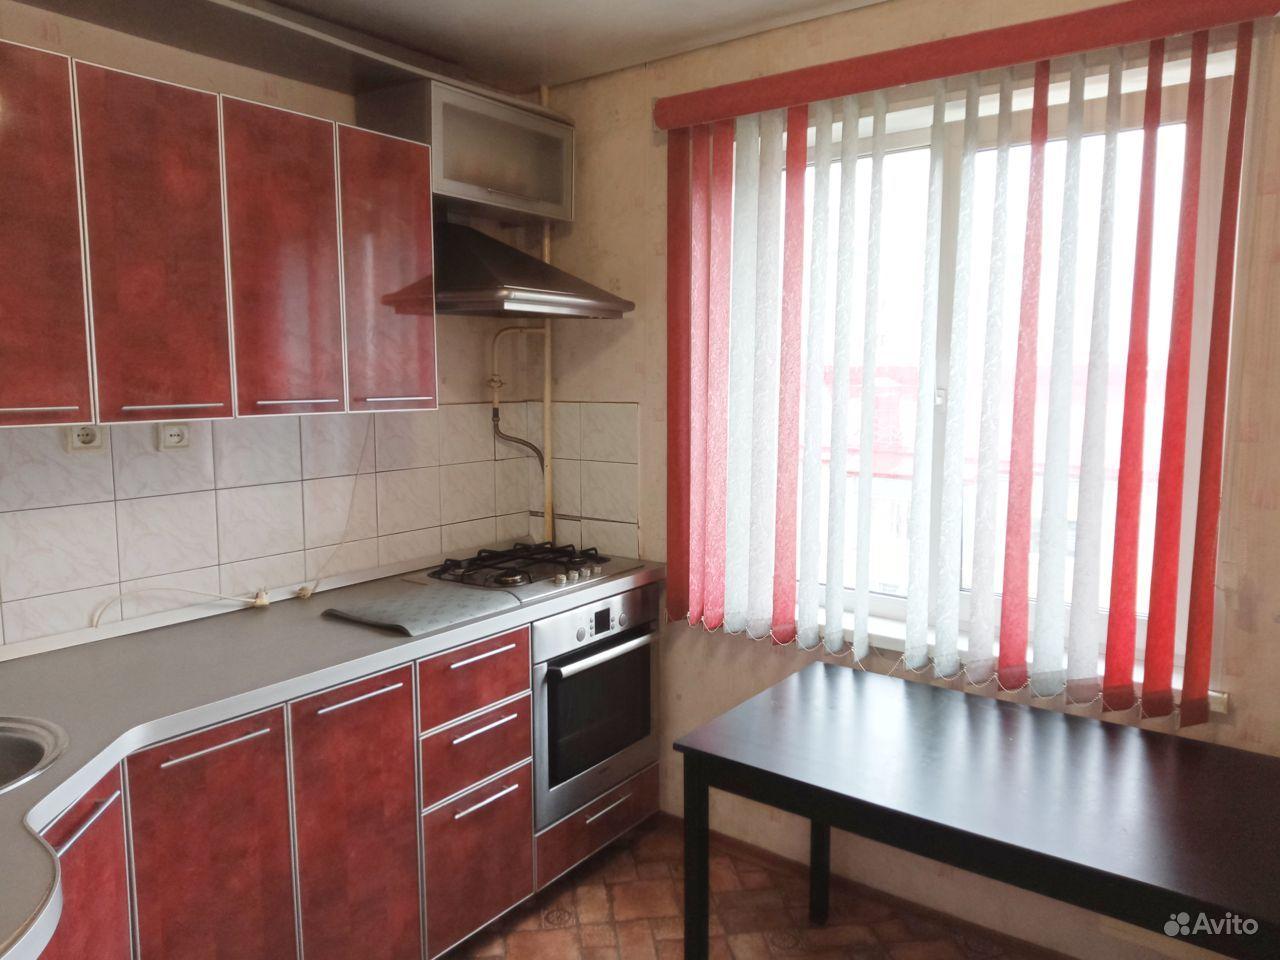 2-к квартира, 50.8 м², 7/10 эт.